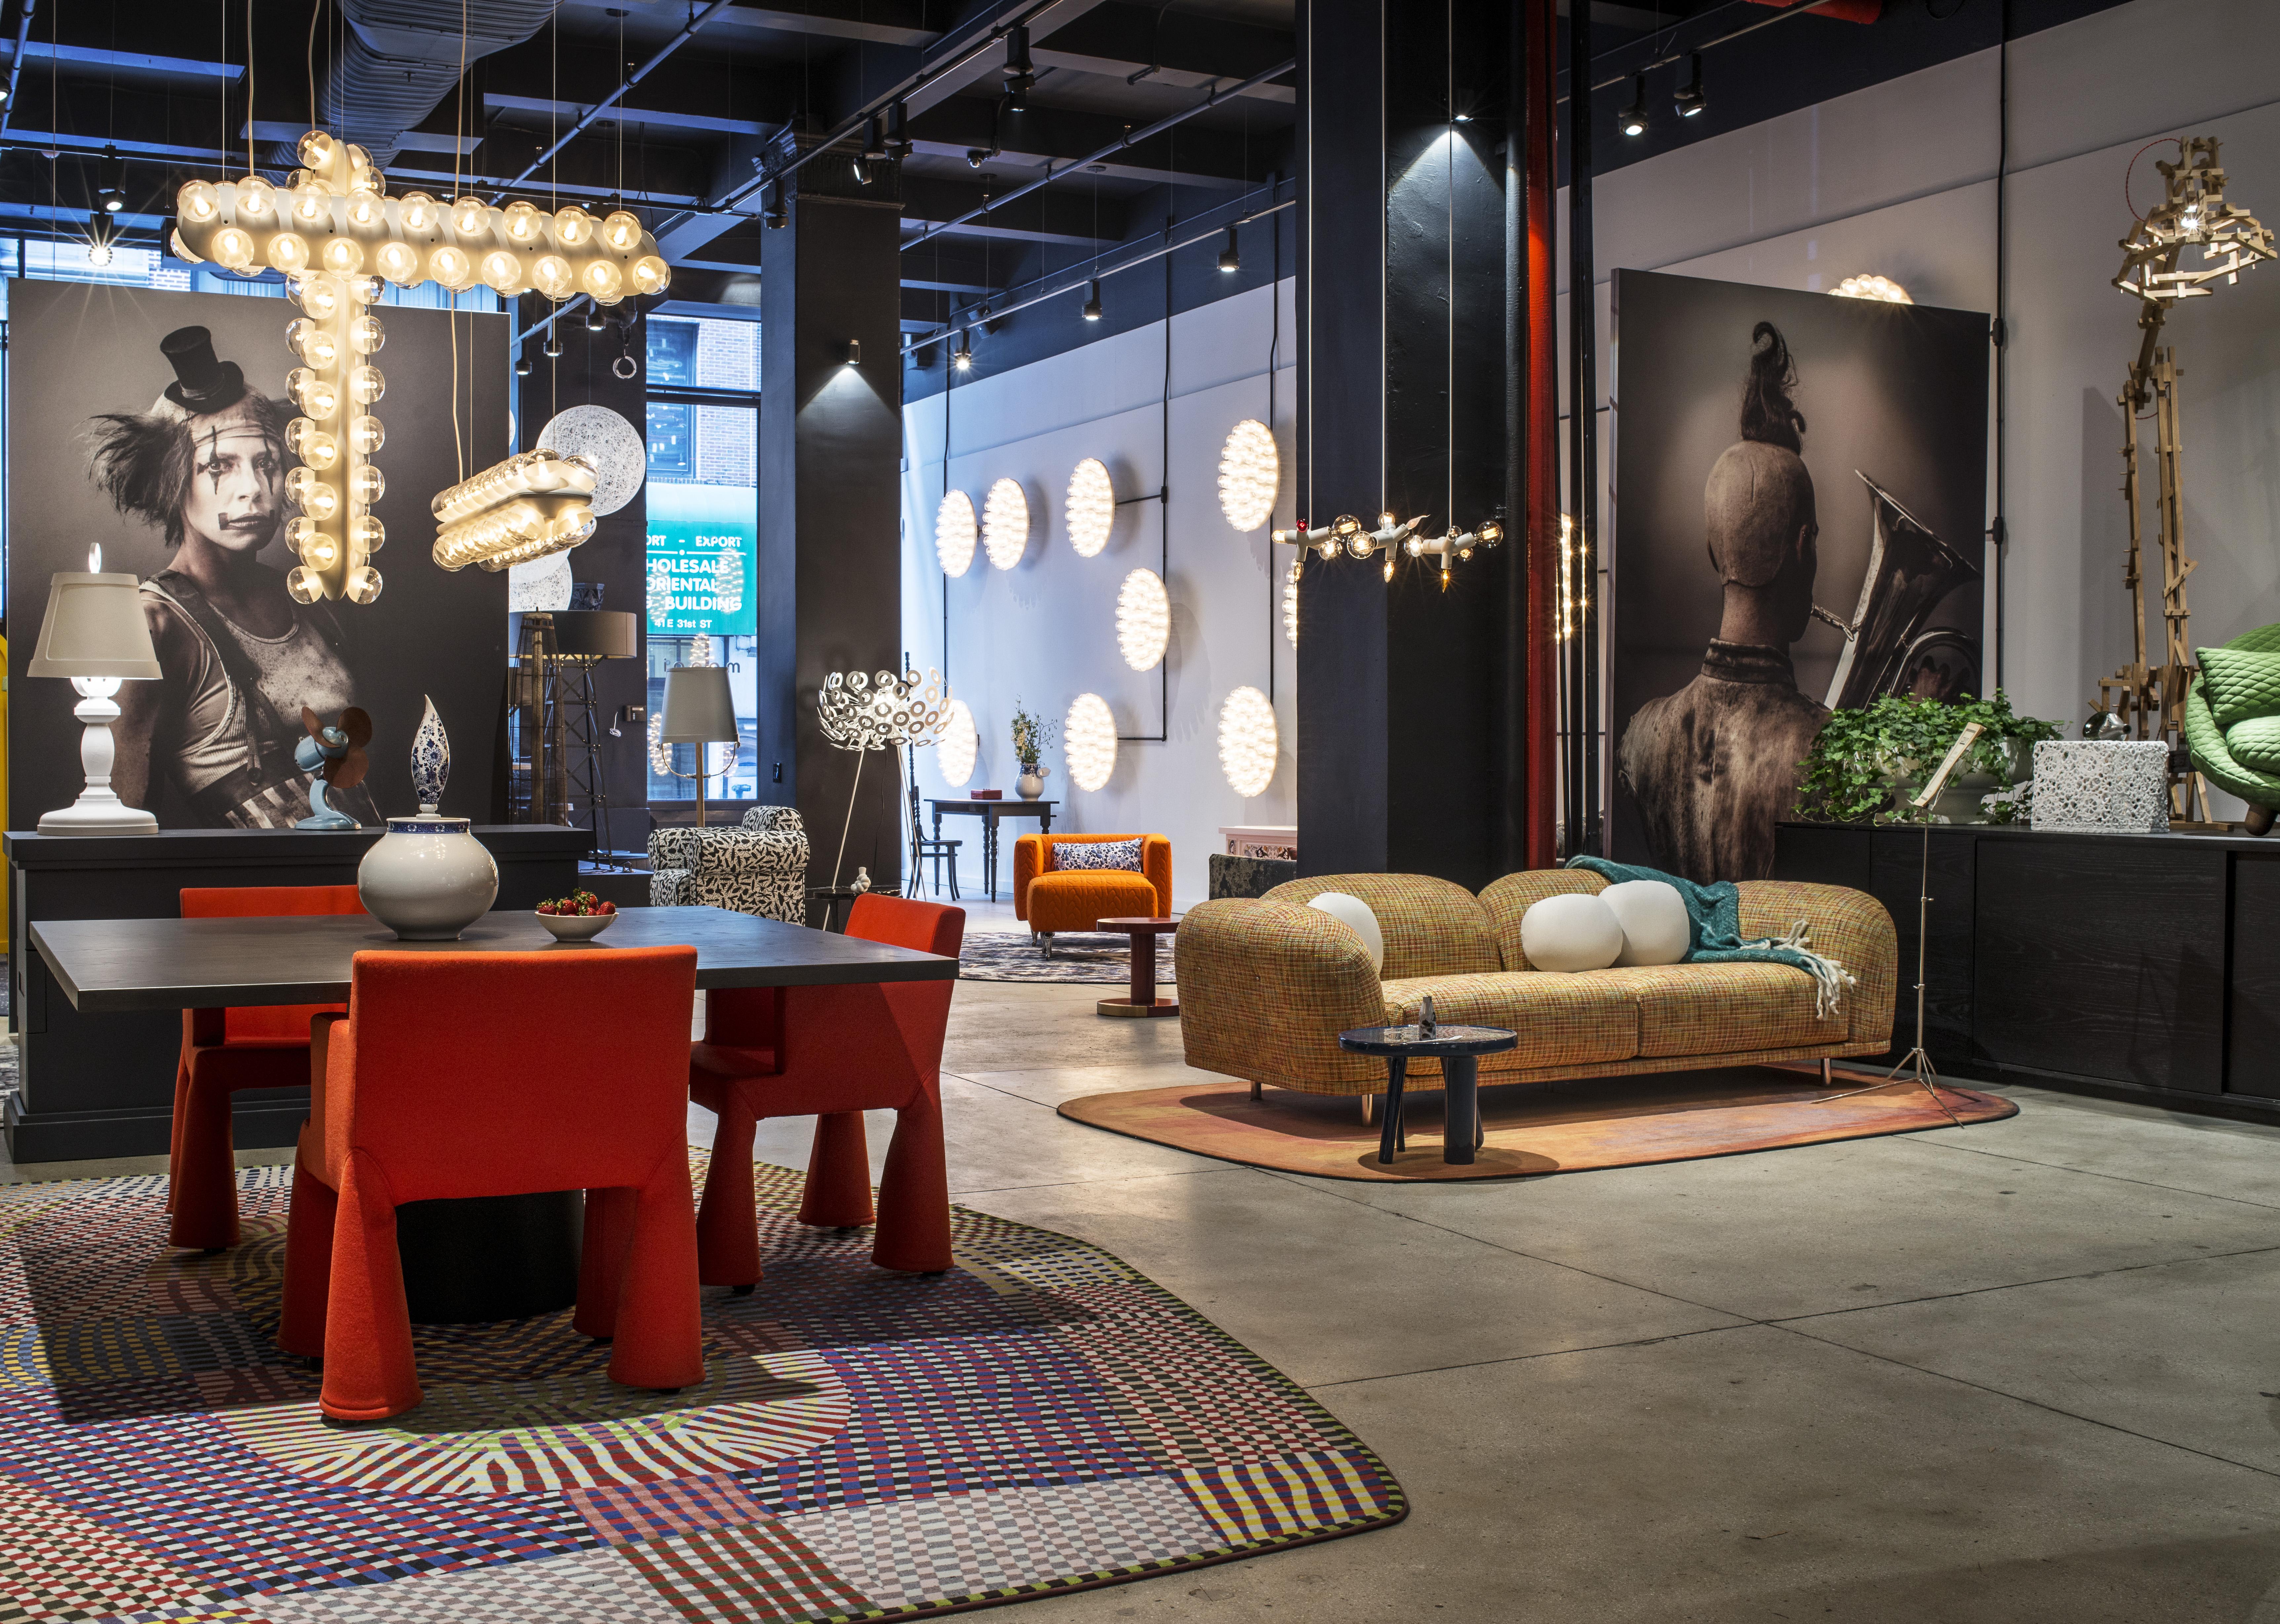 moooi_new-york_showroom-3-300dpi-moooi